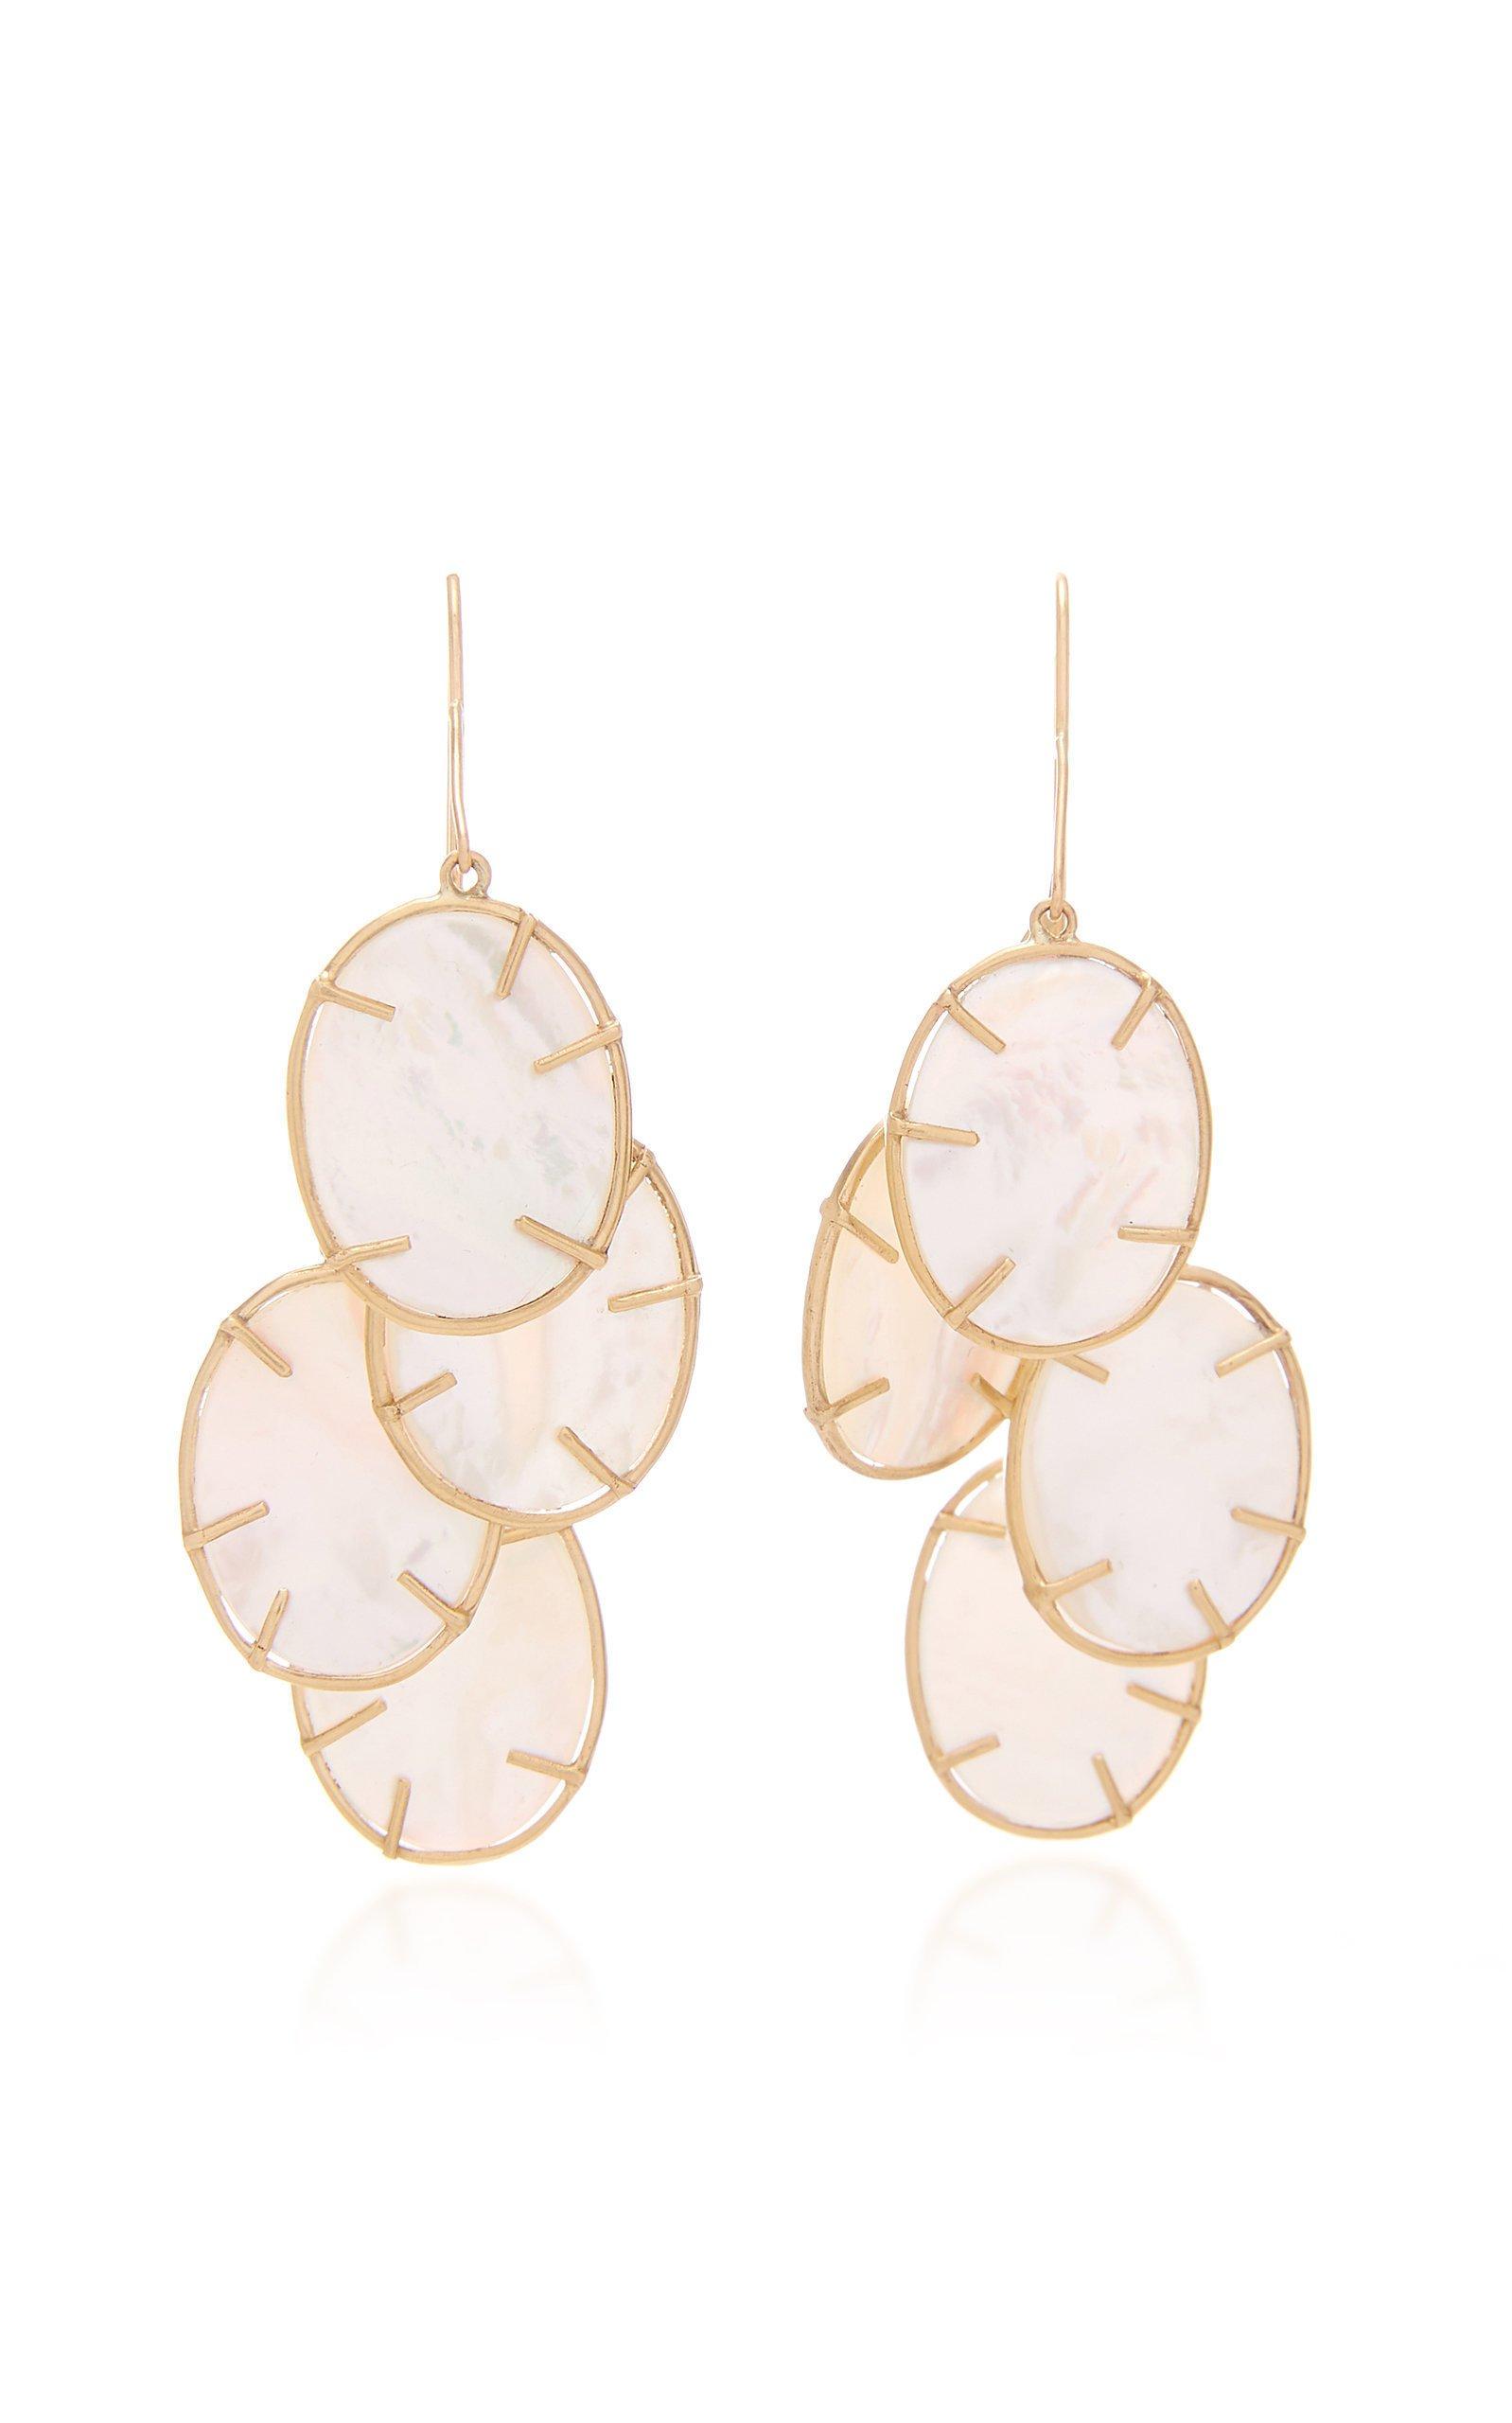 Annette Ferdinandsen Silver Dollar cluster earring